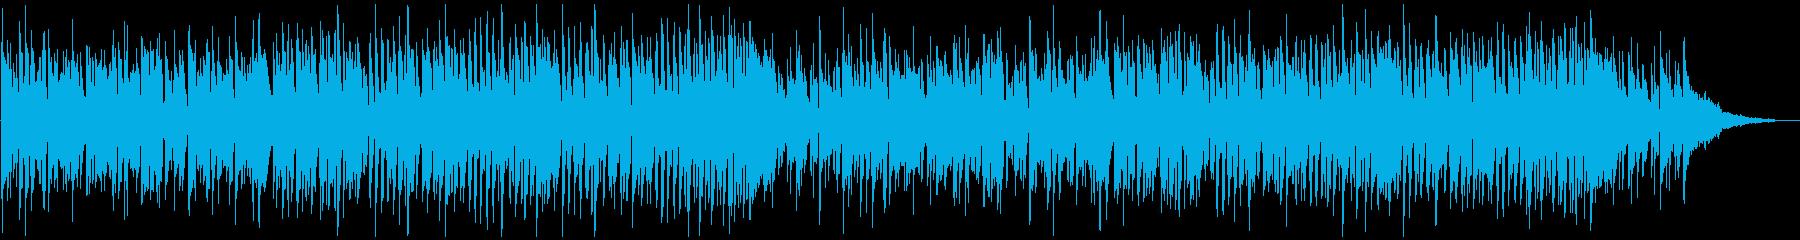 爽やかで軽快な日常用BGM_ロングの再生済みの波形